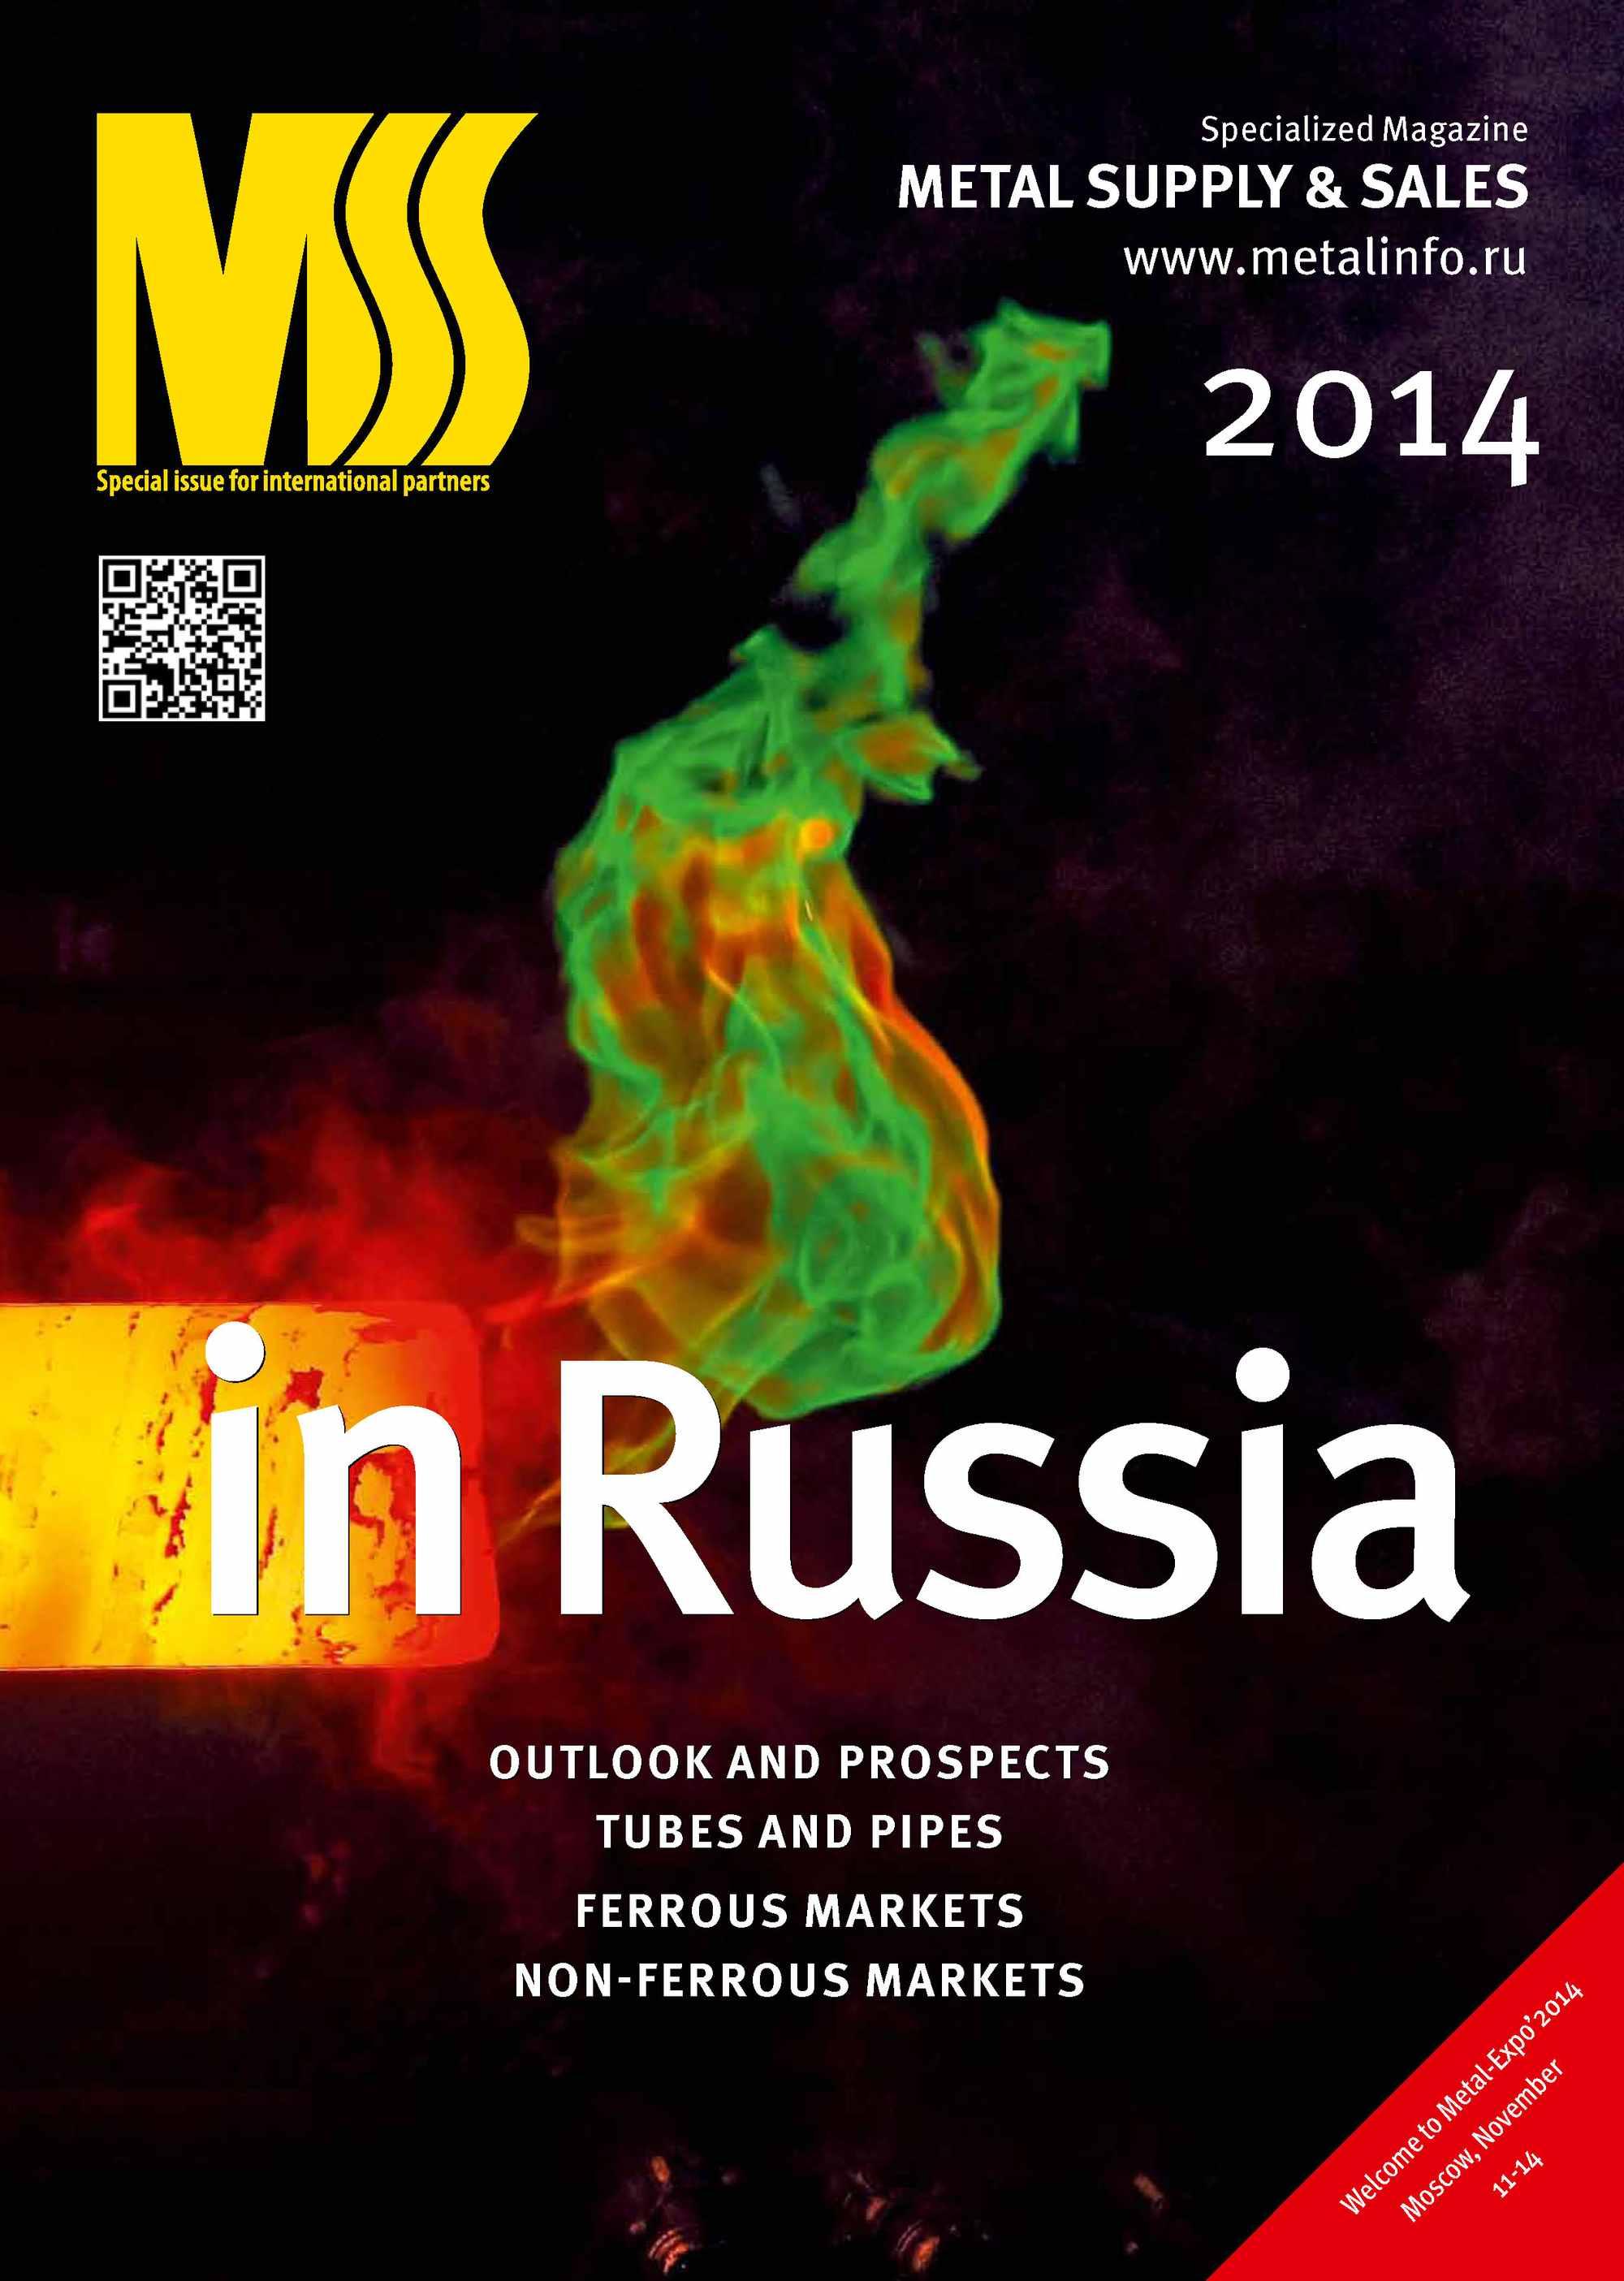 Metal supply & sales 2014